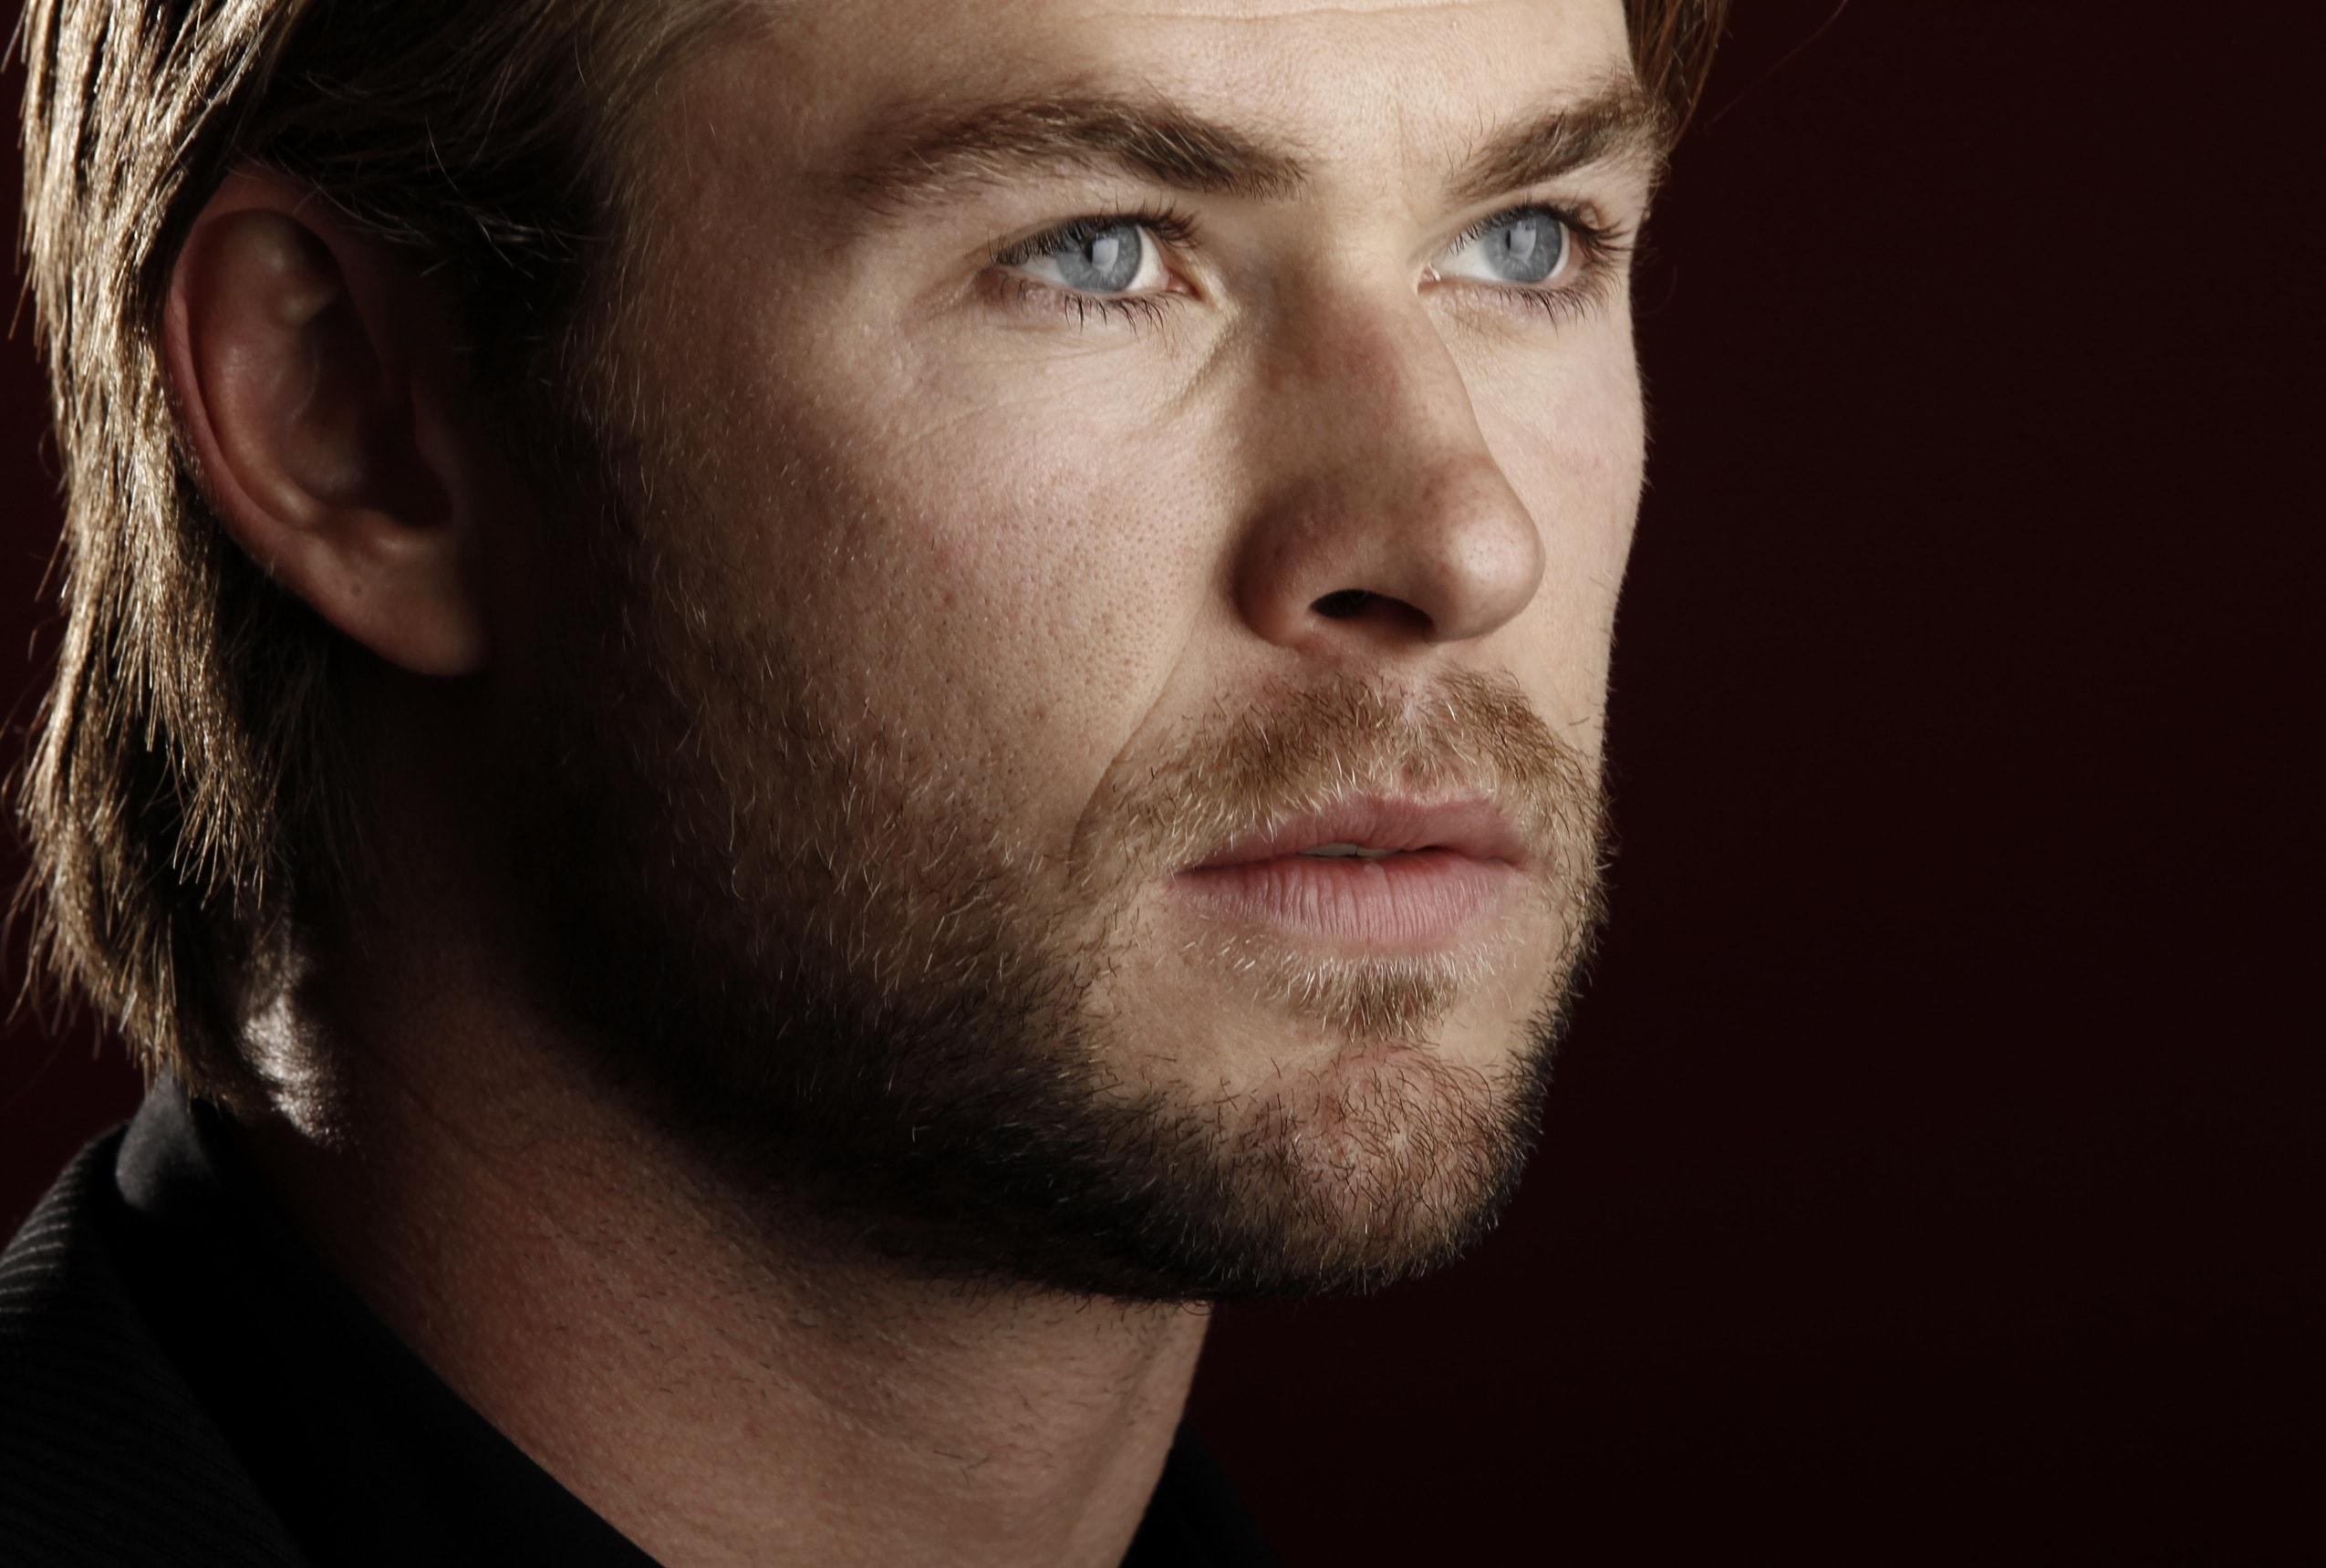 Chris Hemsworth Wide wallpapers